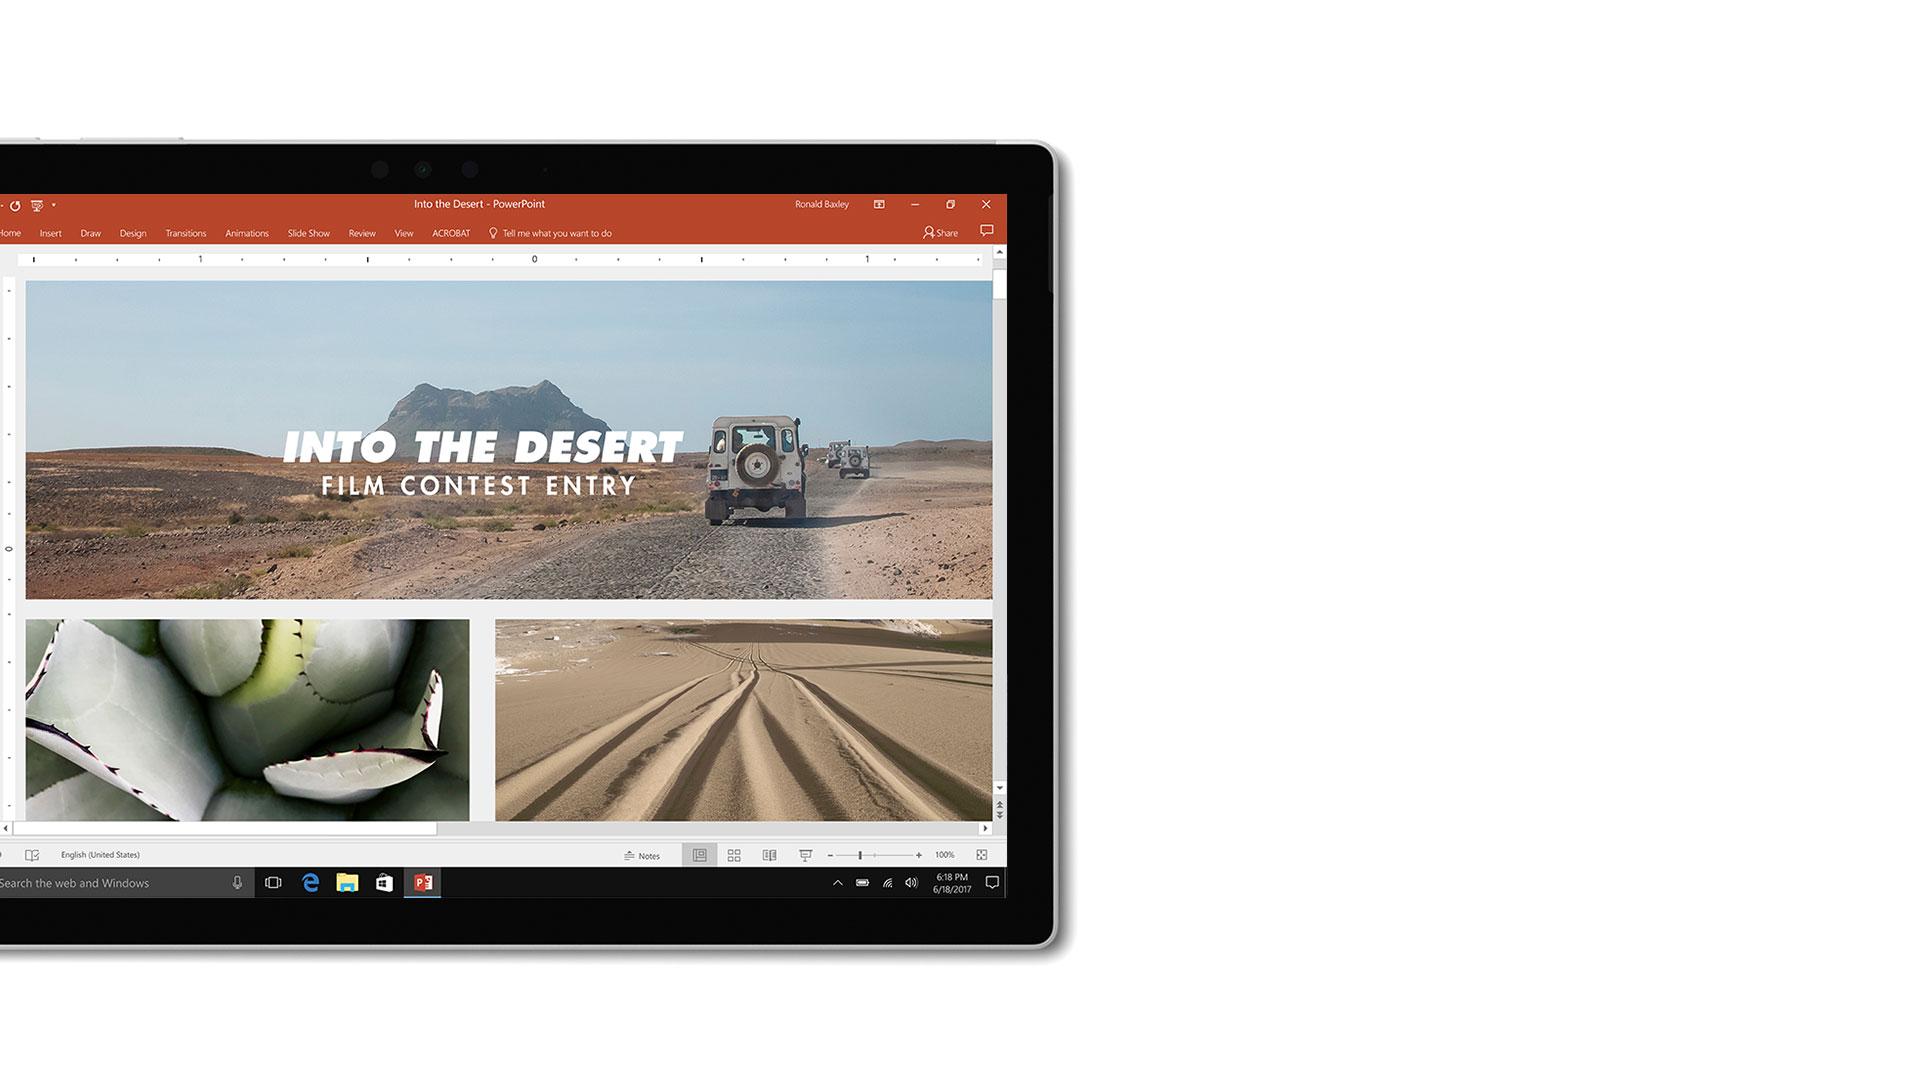 รูปส่วนติดต่อผู้ใช้ของ Microsoft PowerPoint